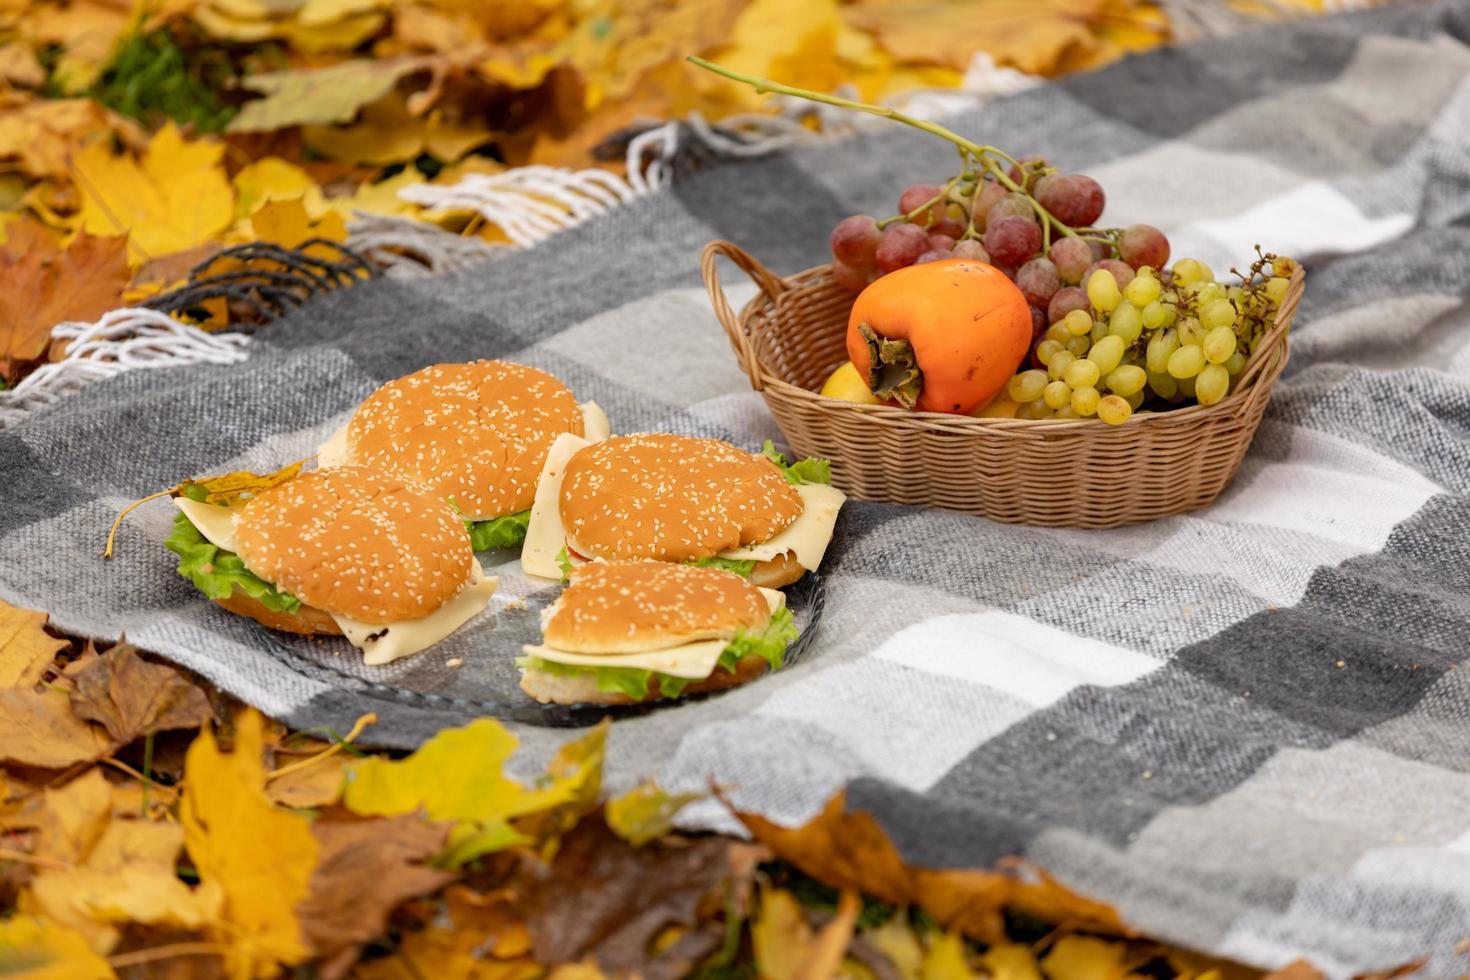 picnic de otoño en el bosque, la manta se encuentra sobre hojas amarillas caídas. fruta en una canasta y hamburguesas foto